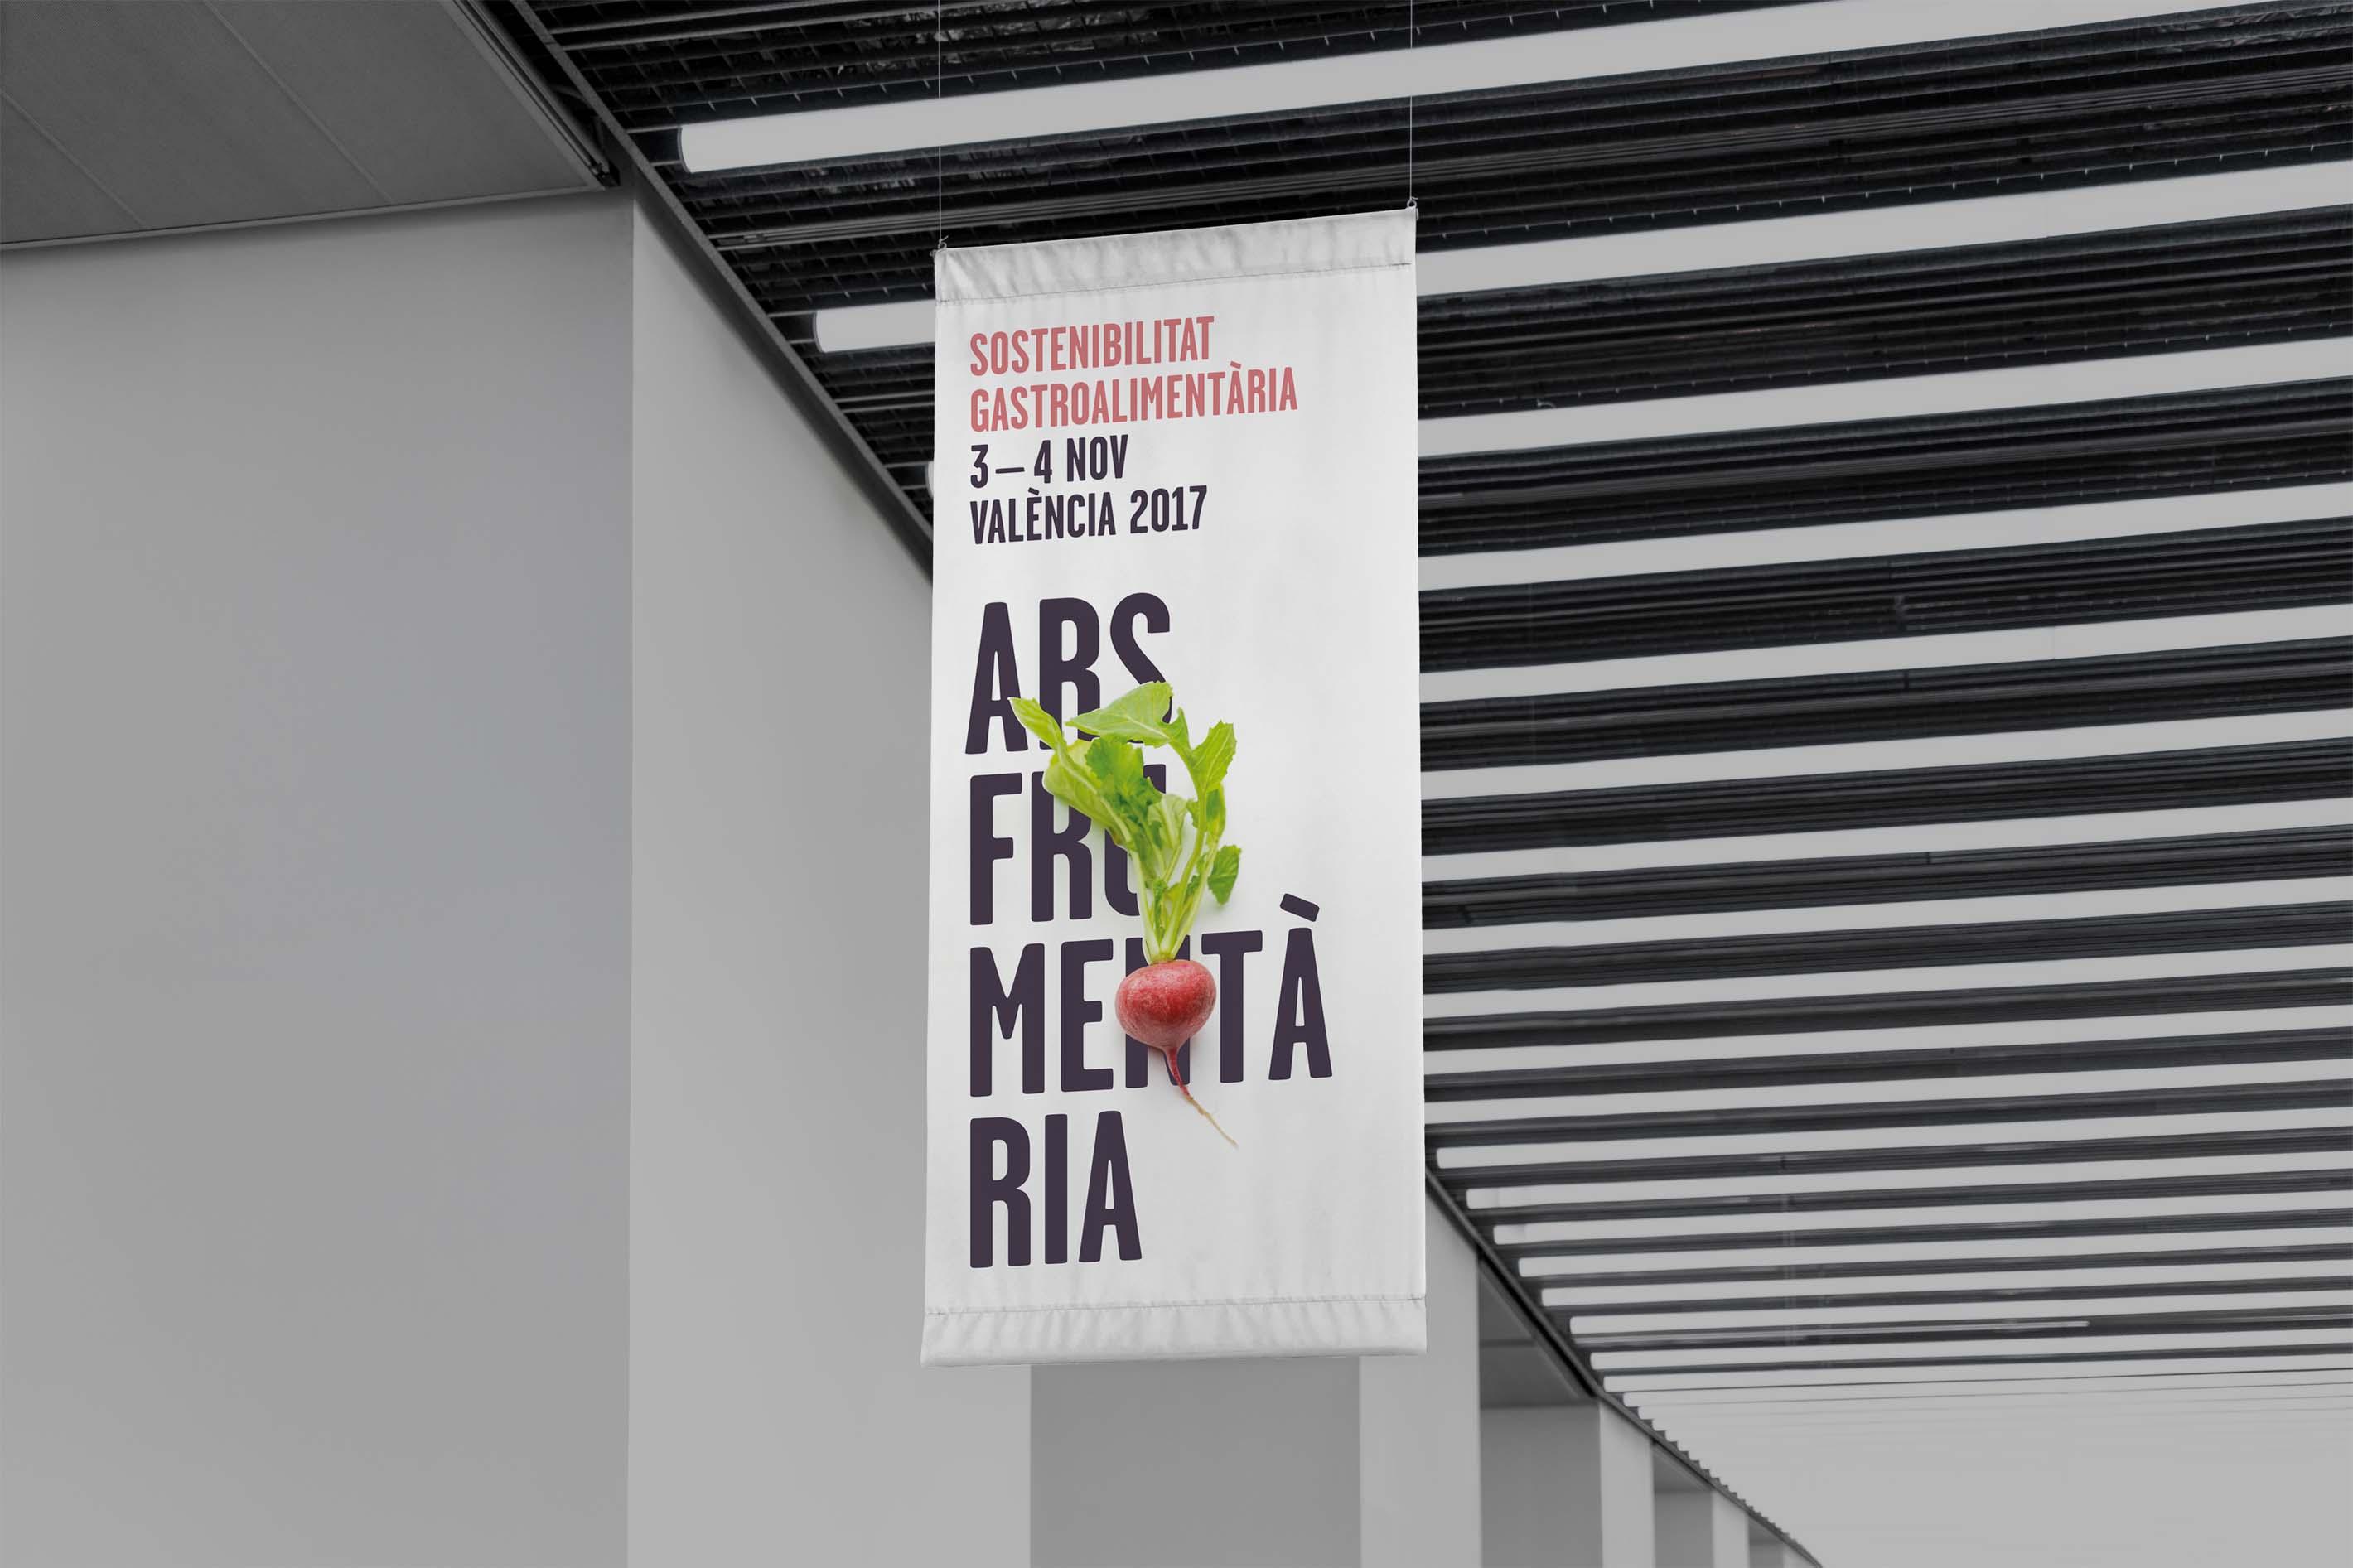 Banderola del evento Ars Frumentaria